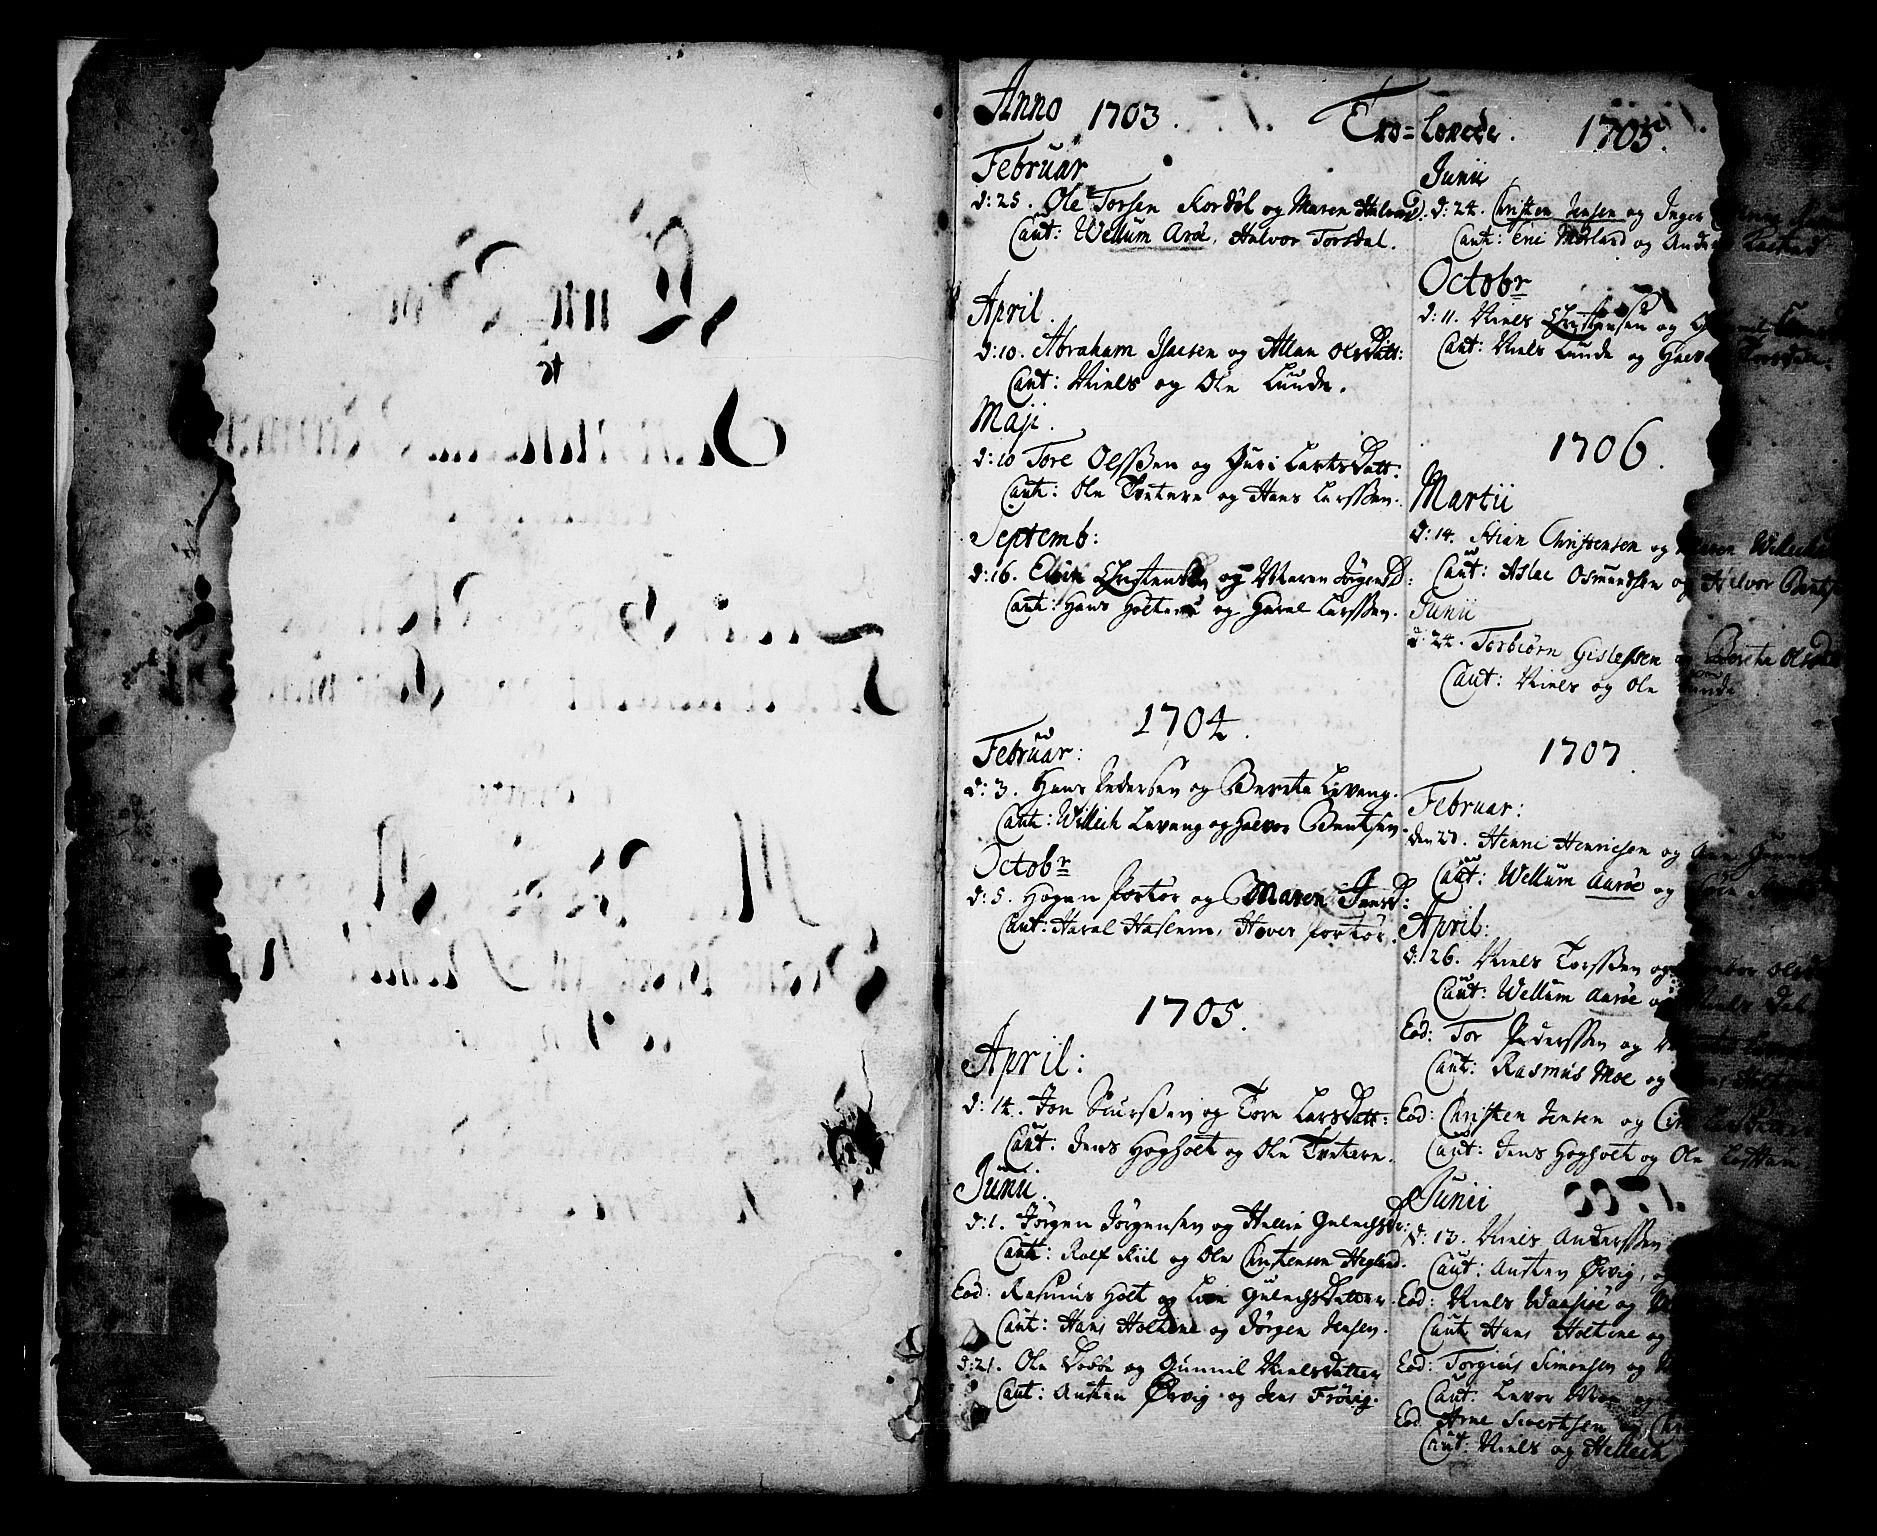 SAKO, Sannidal kirkebøker, F/Fa/L0001: Ministerialbok nr. 1, 1702-1766, s. 0-1